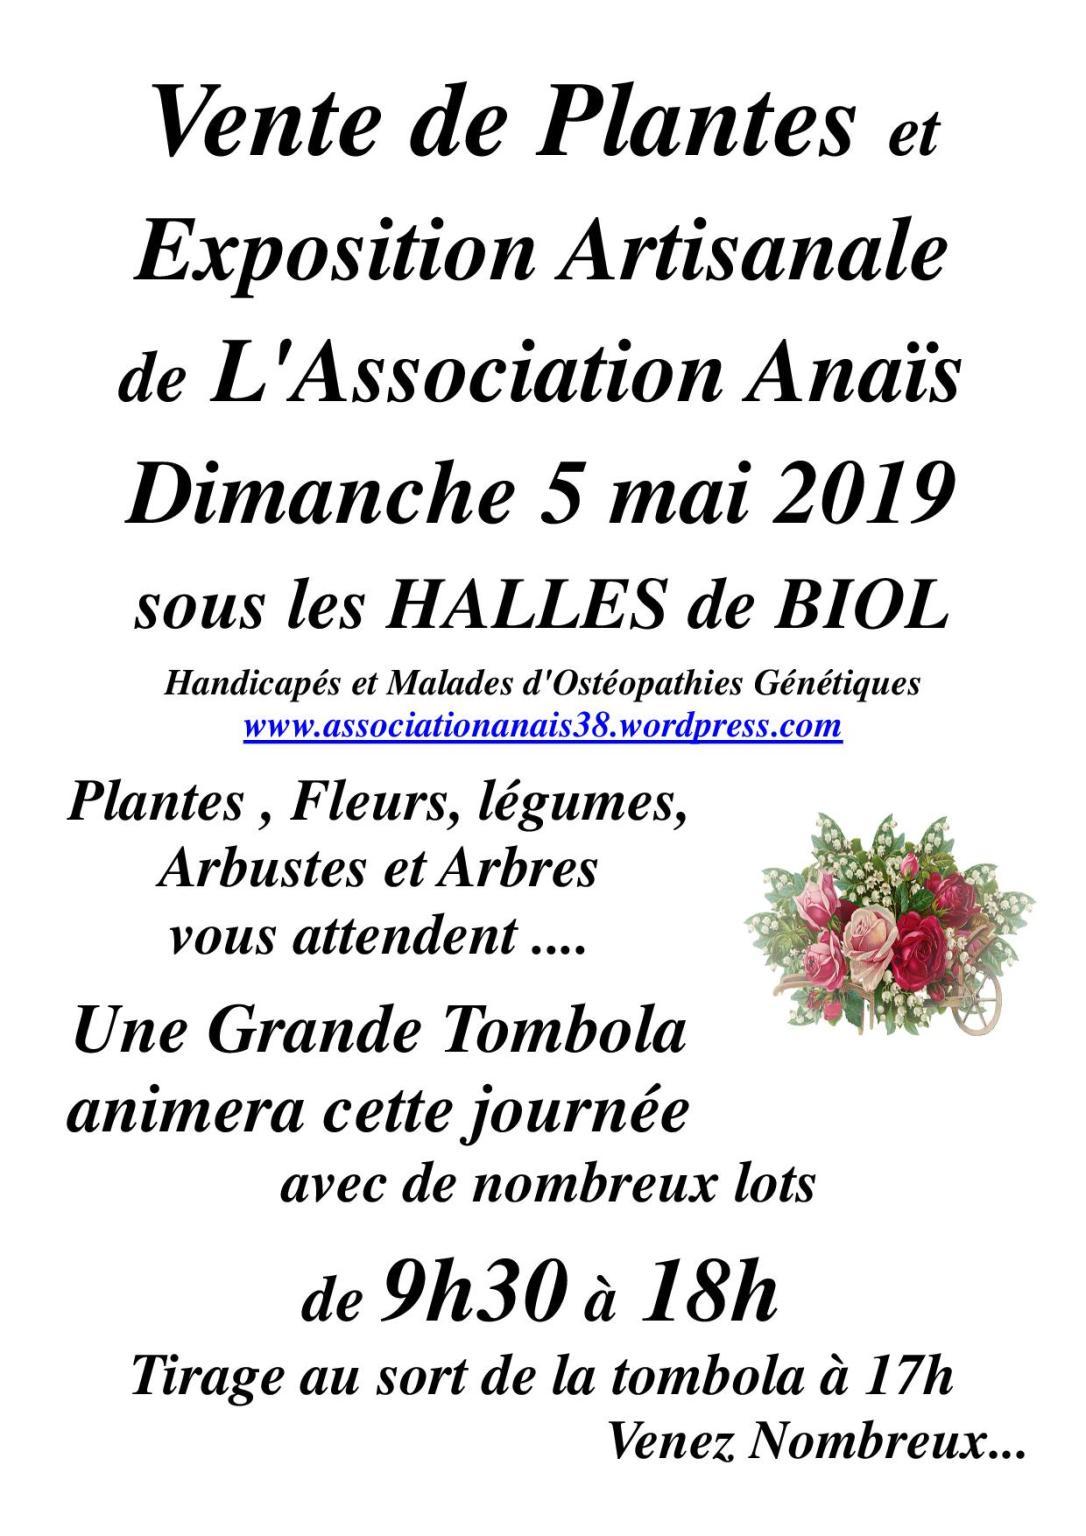 affiche expo 5 mai 19